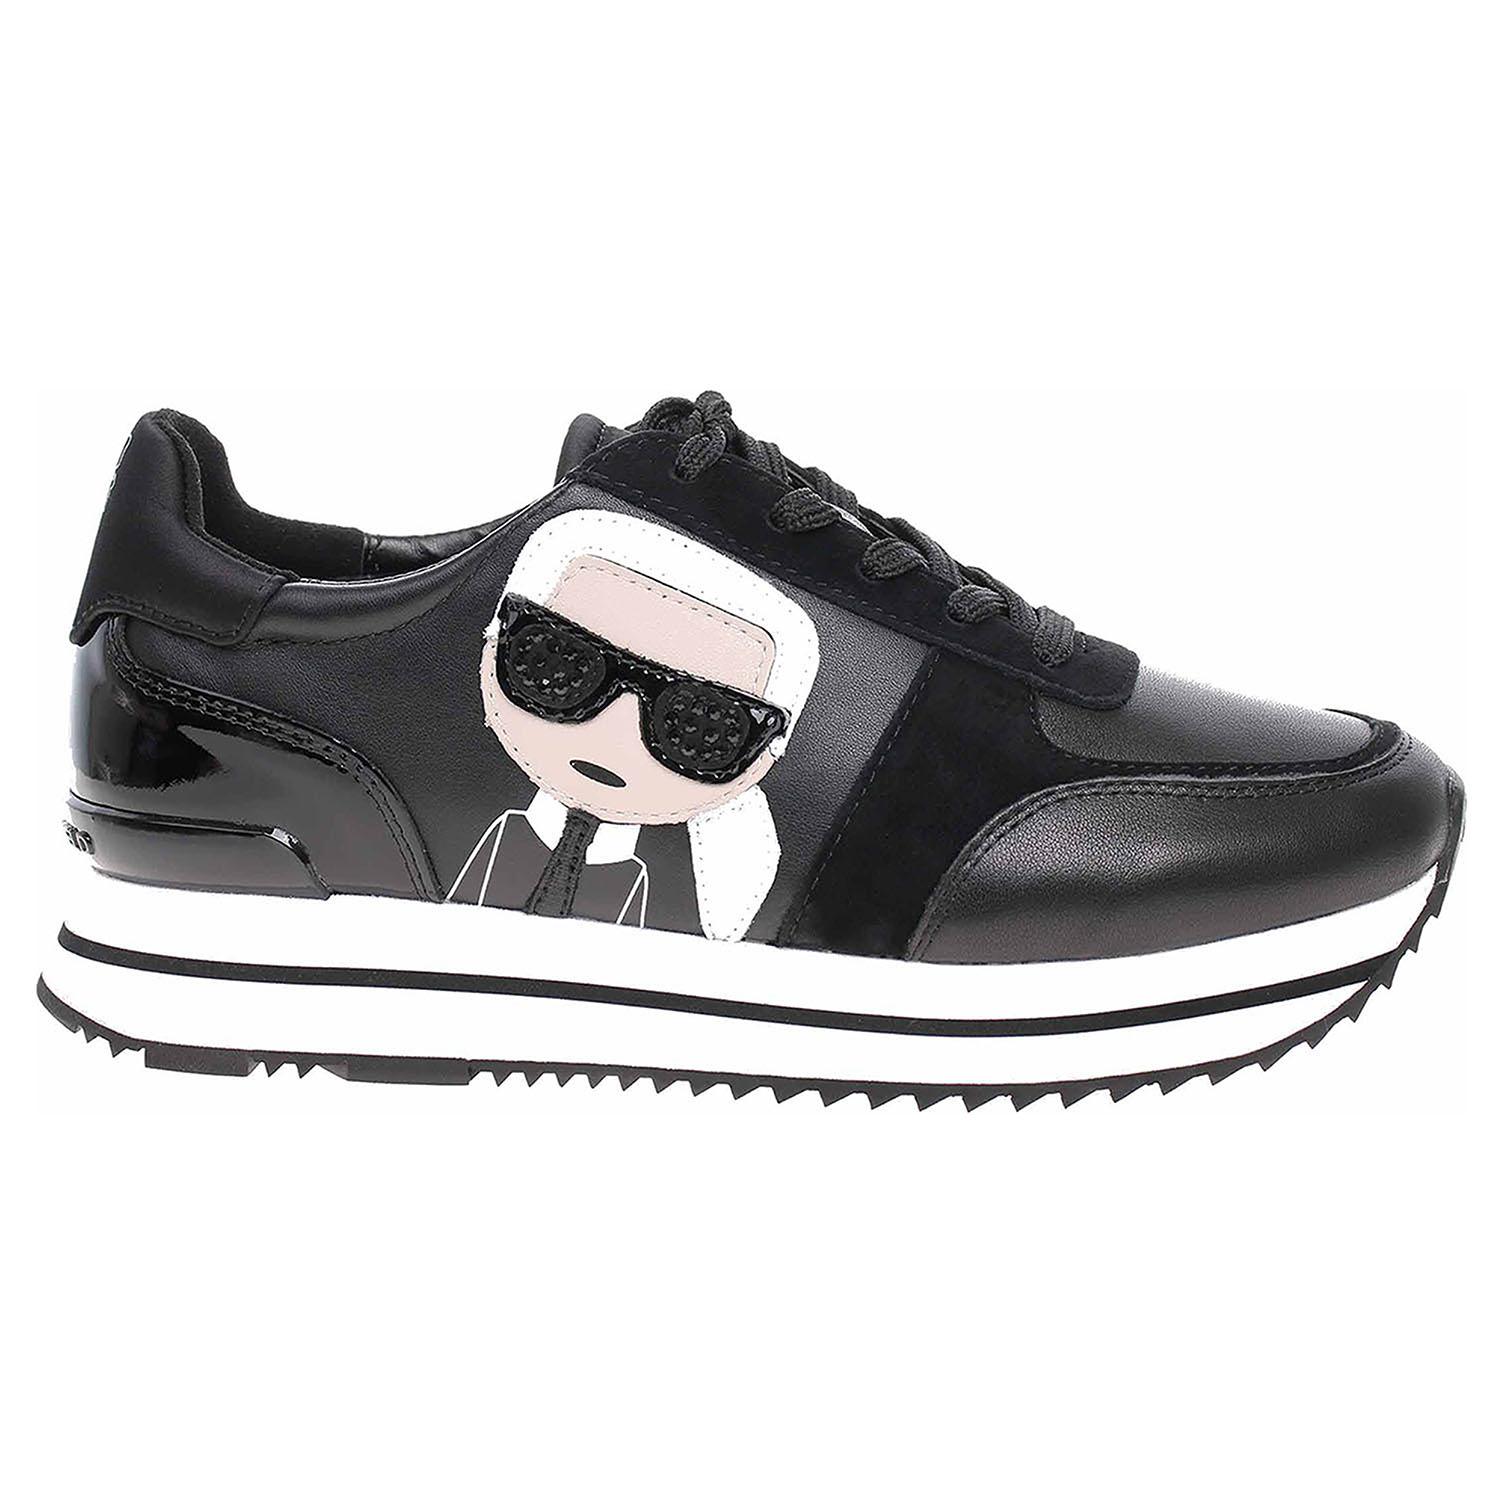 Dámská obuv Karl Lagerfeld KL61930 300 black lthr-suede KL61930 300 39